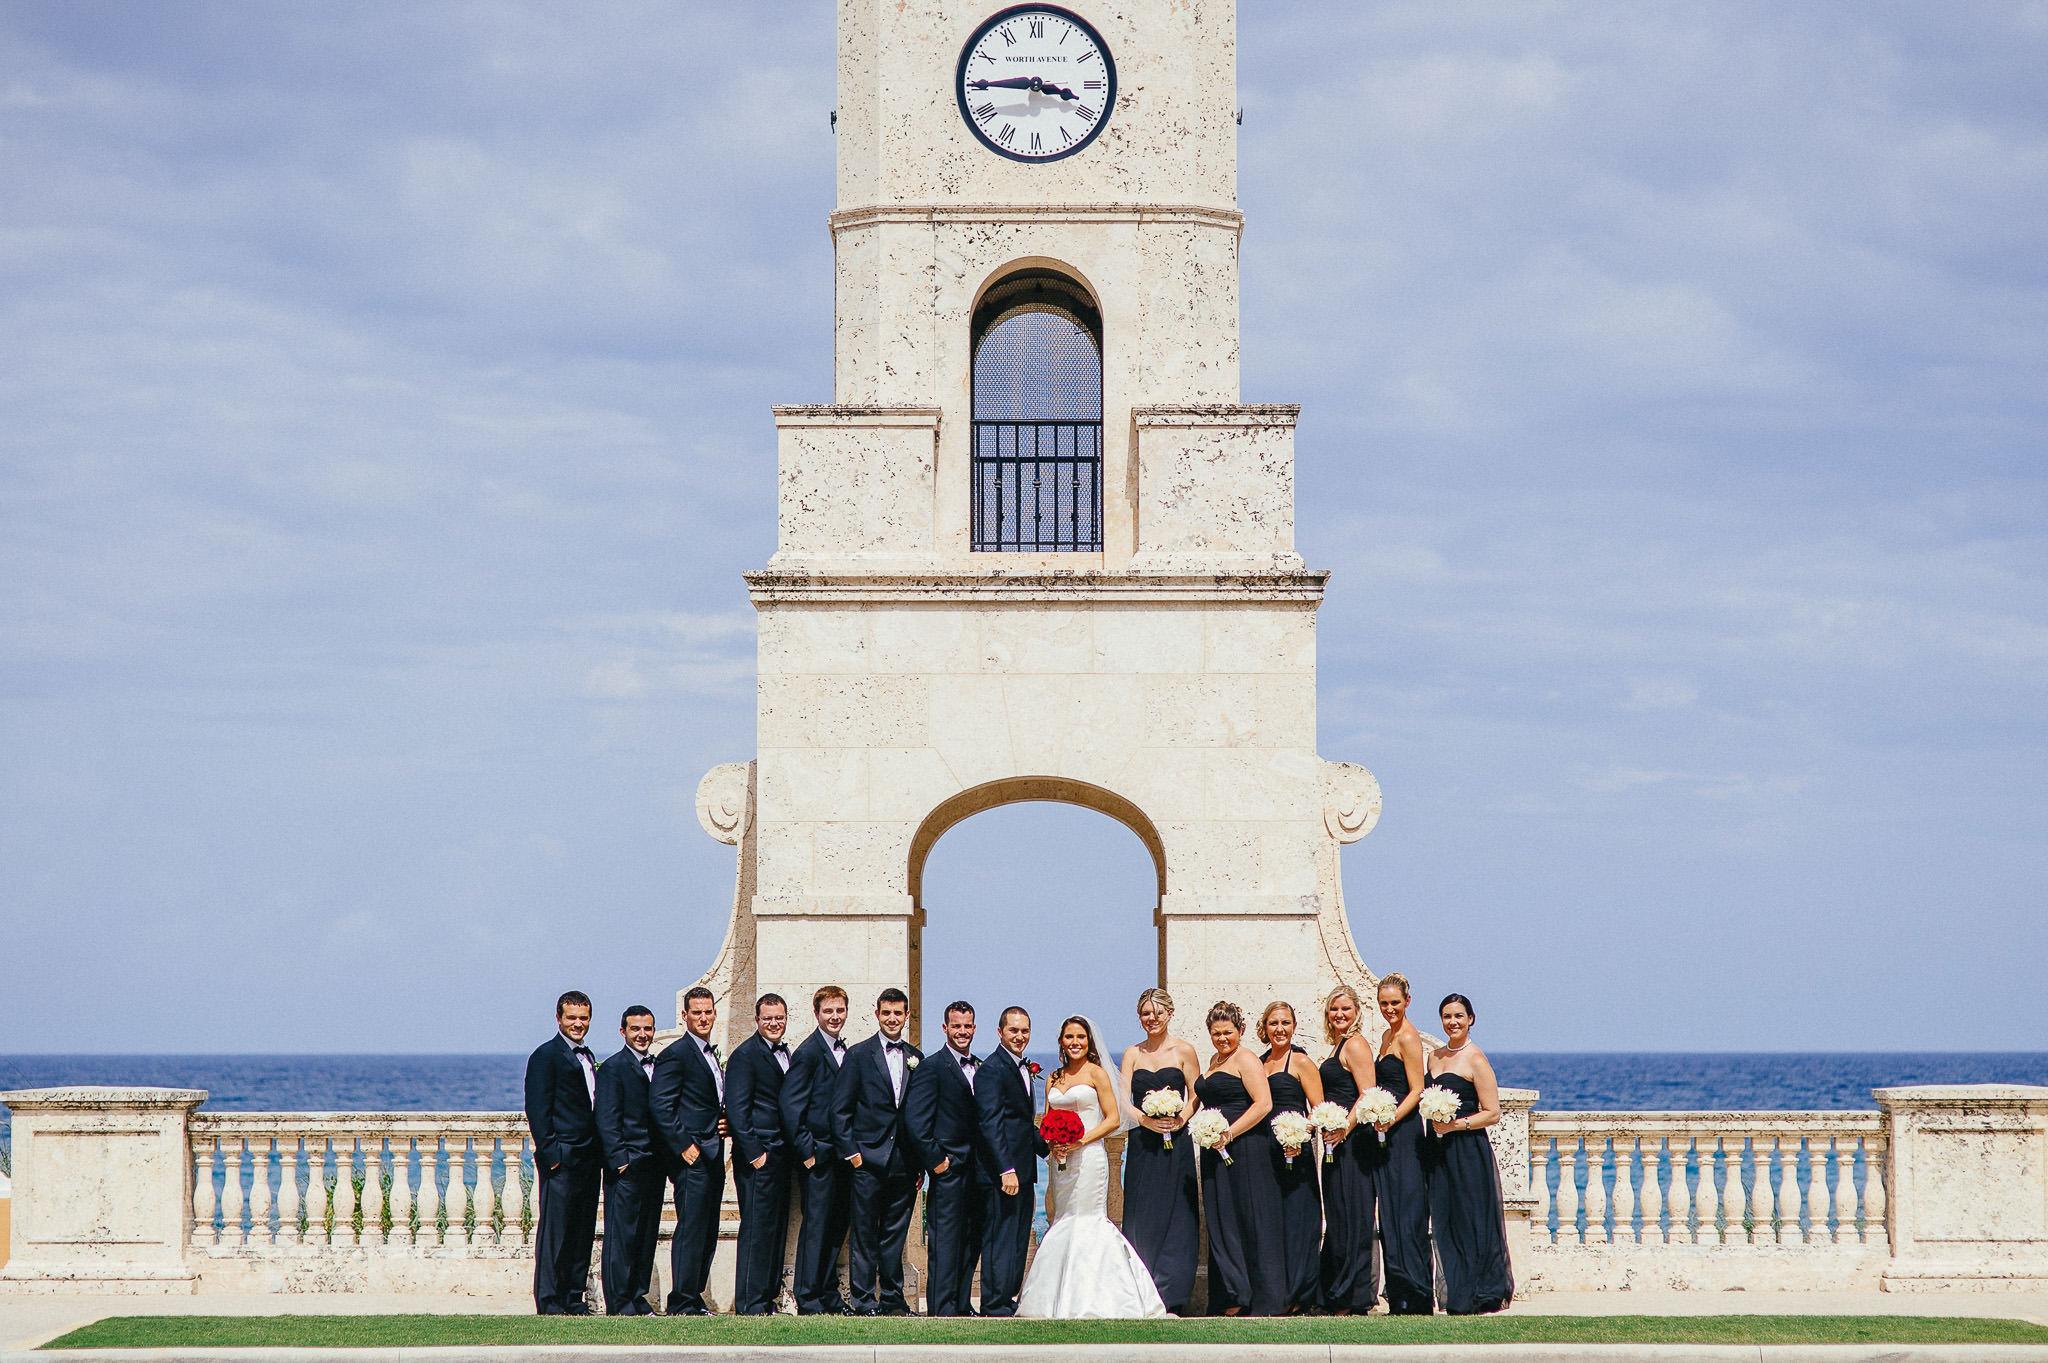 Worth Ave Wedding West Palm Beach FL